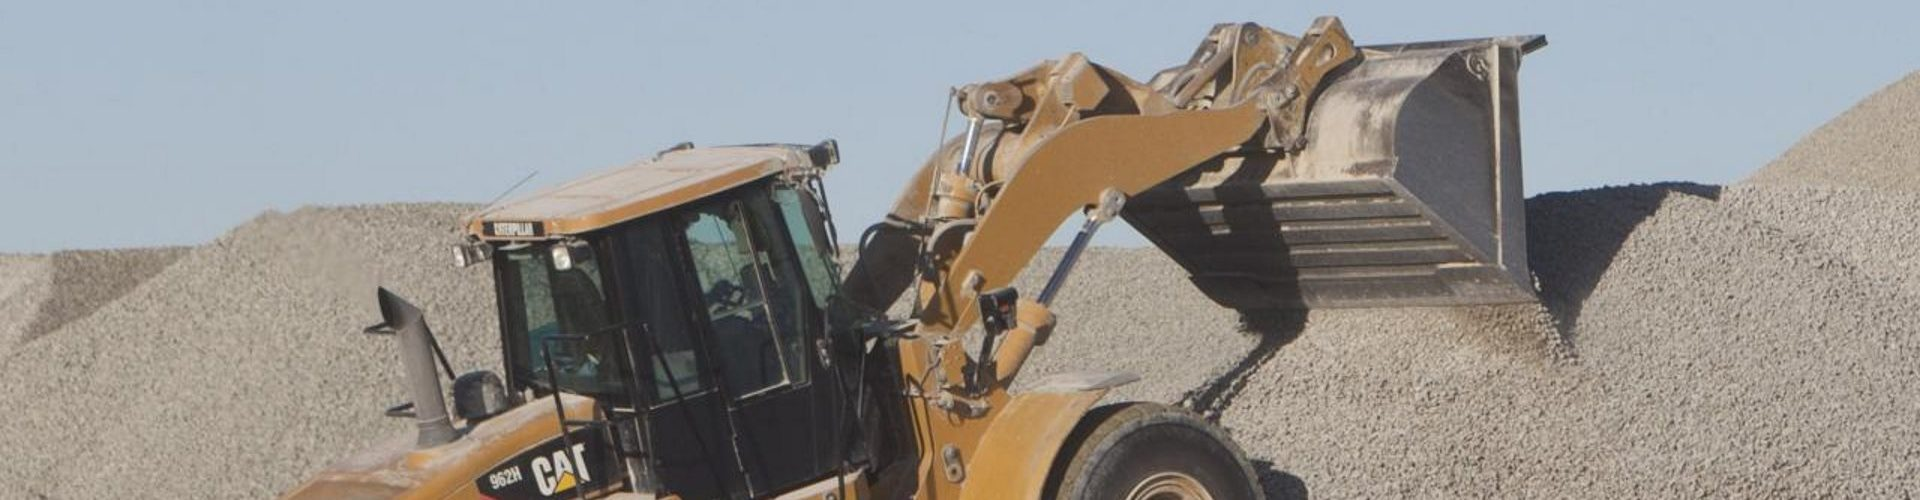 Bulldozer, payloader & wheelloader